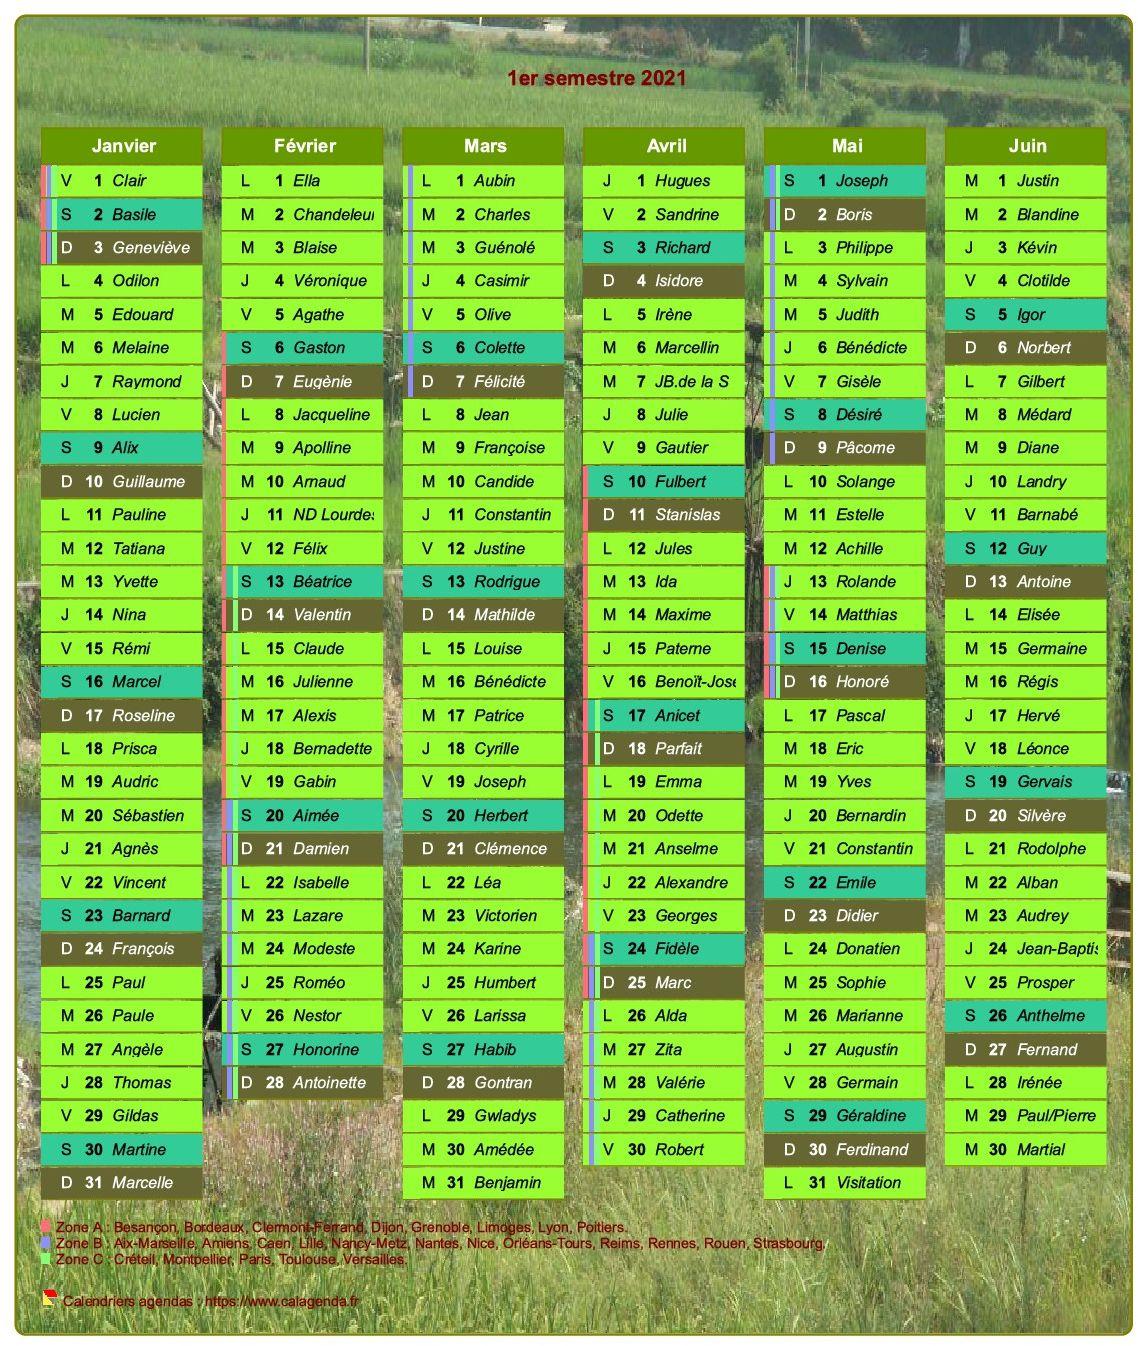 Calendrier 2021 semestriel décoratif avec agenda, format portrait, une colonne par mois